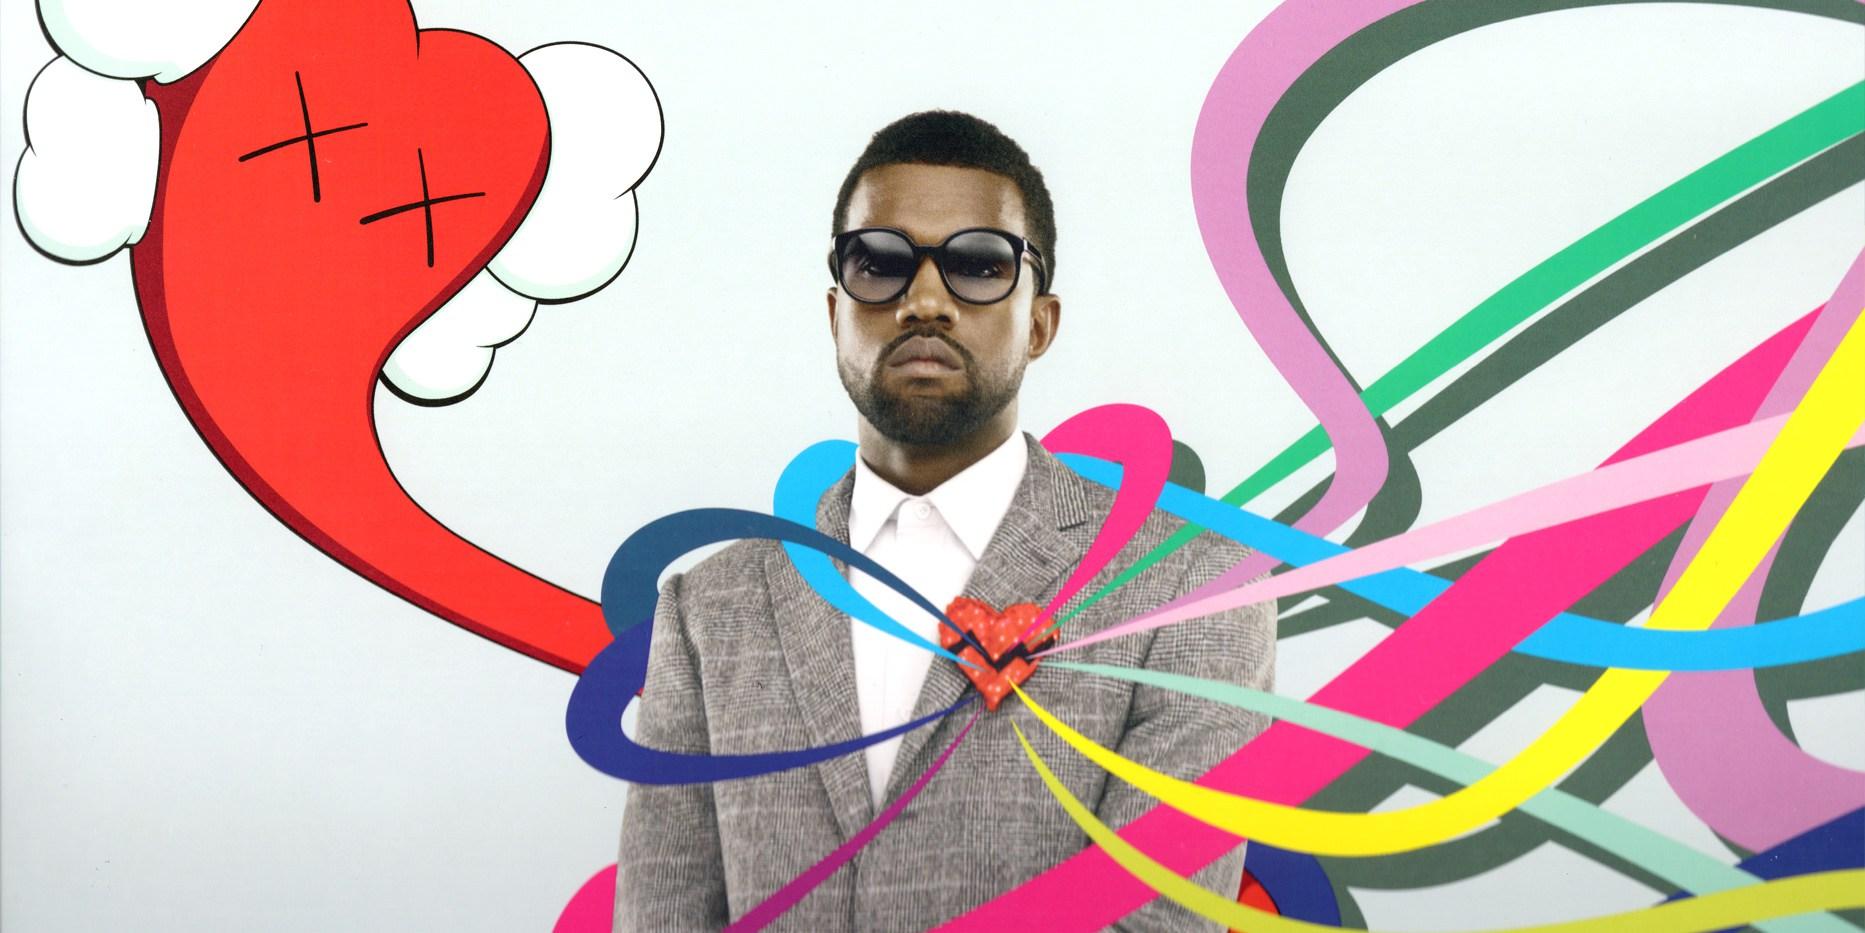 Dez anos atrás, Kanye West mudava o hip-hop com 808s & Heartbreak